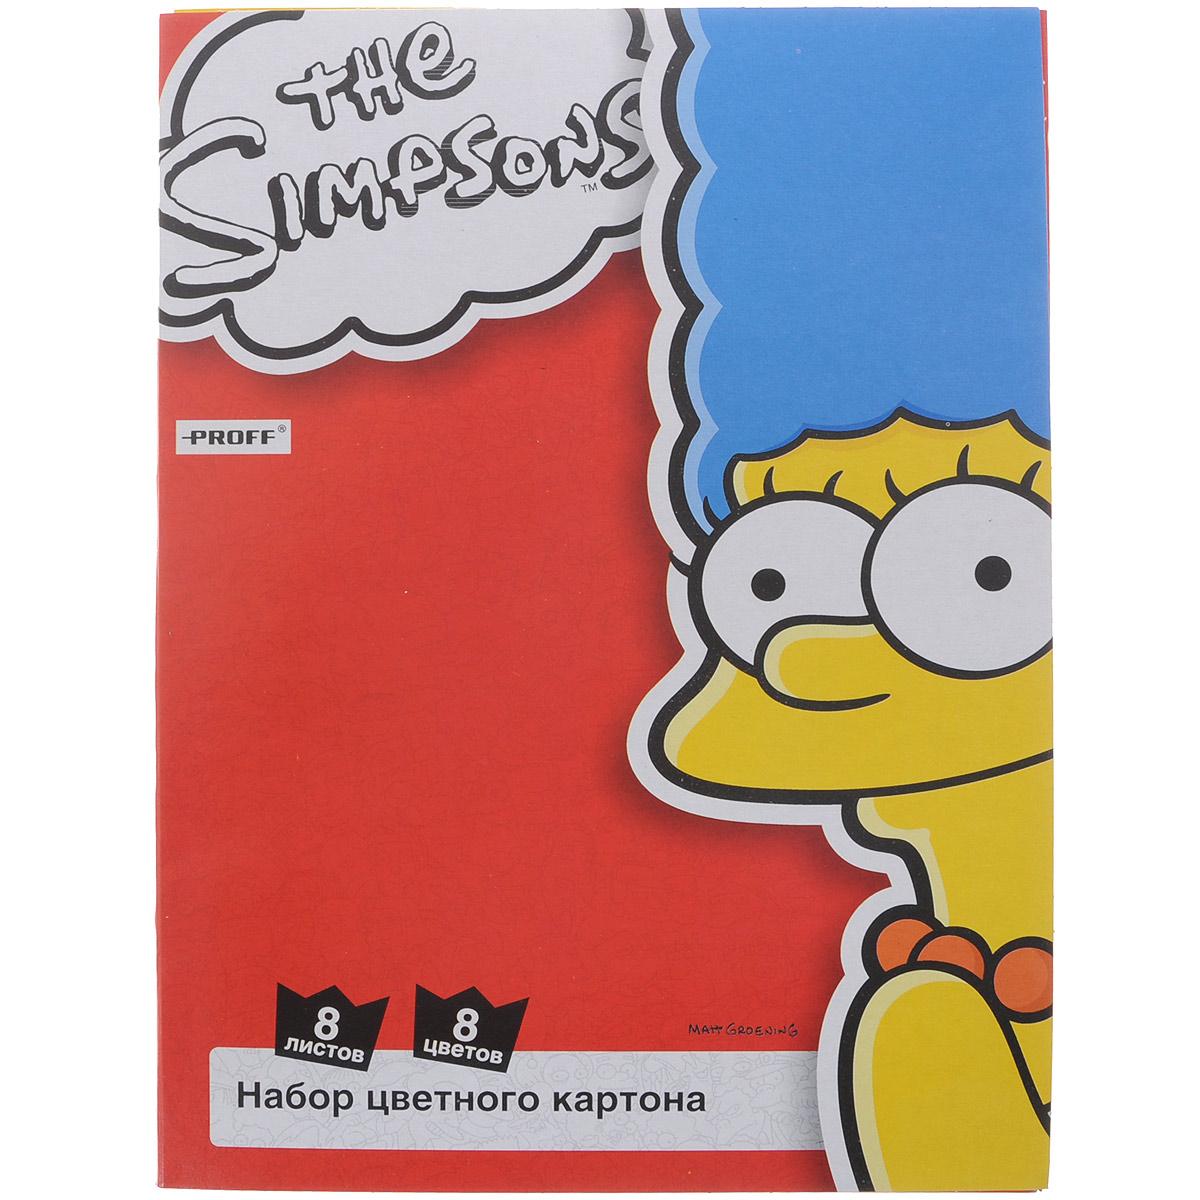 Набор цветного картона The Simpsons, 8 листовSI15-CCS08Набор цветного картона Proff The Simpsons прекрасно выполненный, замечательный набор для детского творчества Набор позволит создавать всевозможные аппликации и поделки. Набор состоит из картона желтого, черного, зеленого, белого, красного, синего, оранжевого и малинового цветов. Создание поделок из цветного картона позволяет ребенку развивать творческие способности, кроме того, это увлекательный досуг. Творите вместе с Proff!